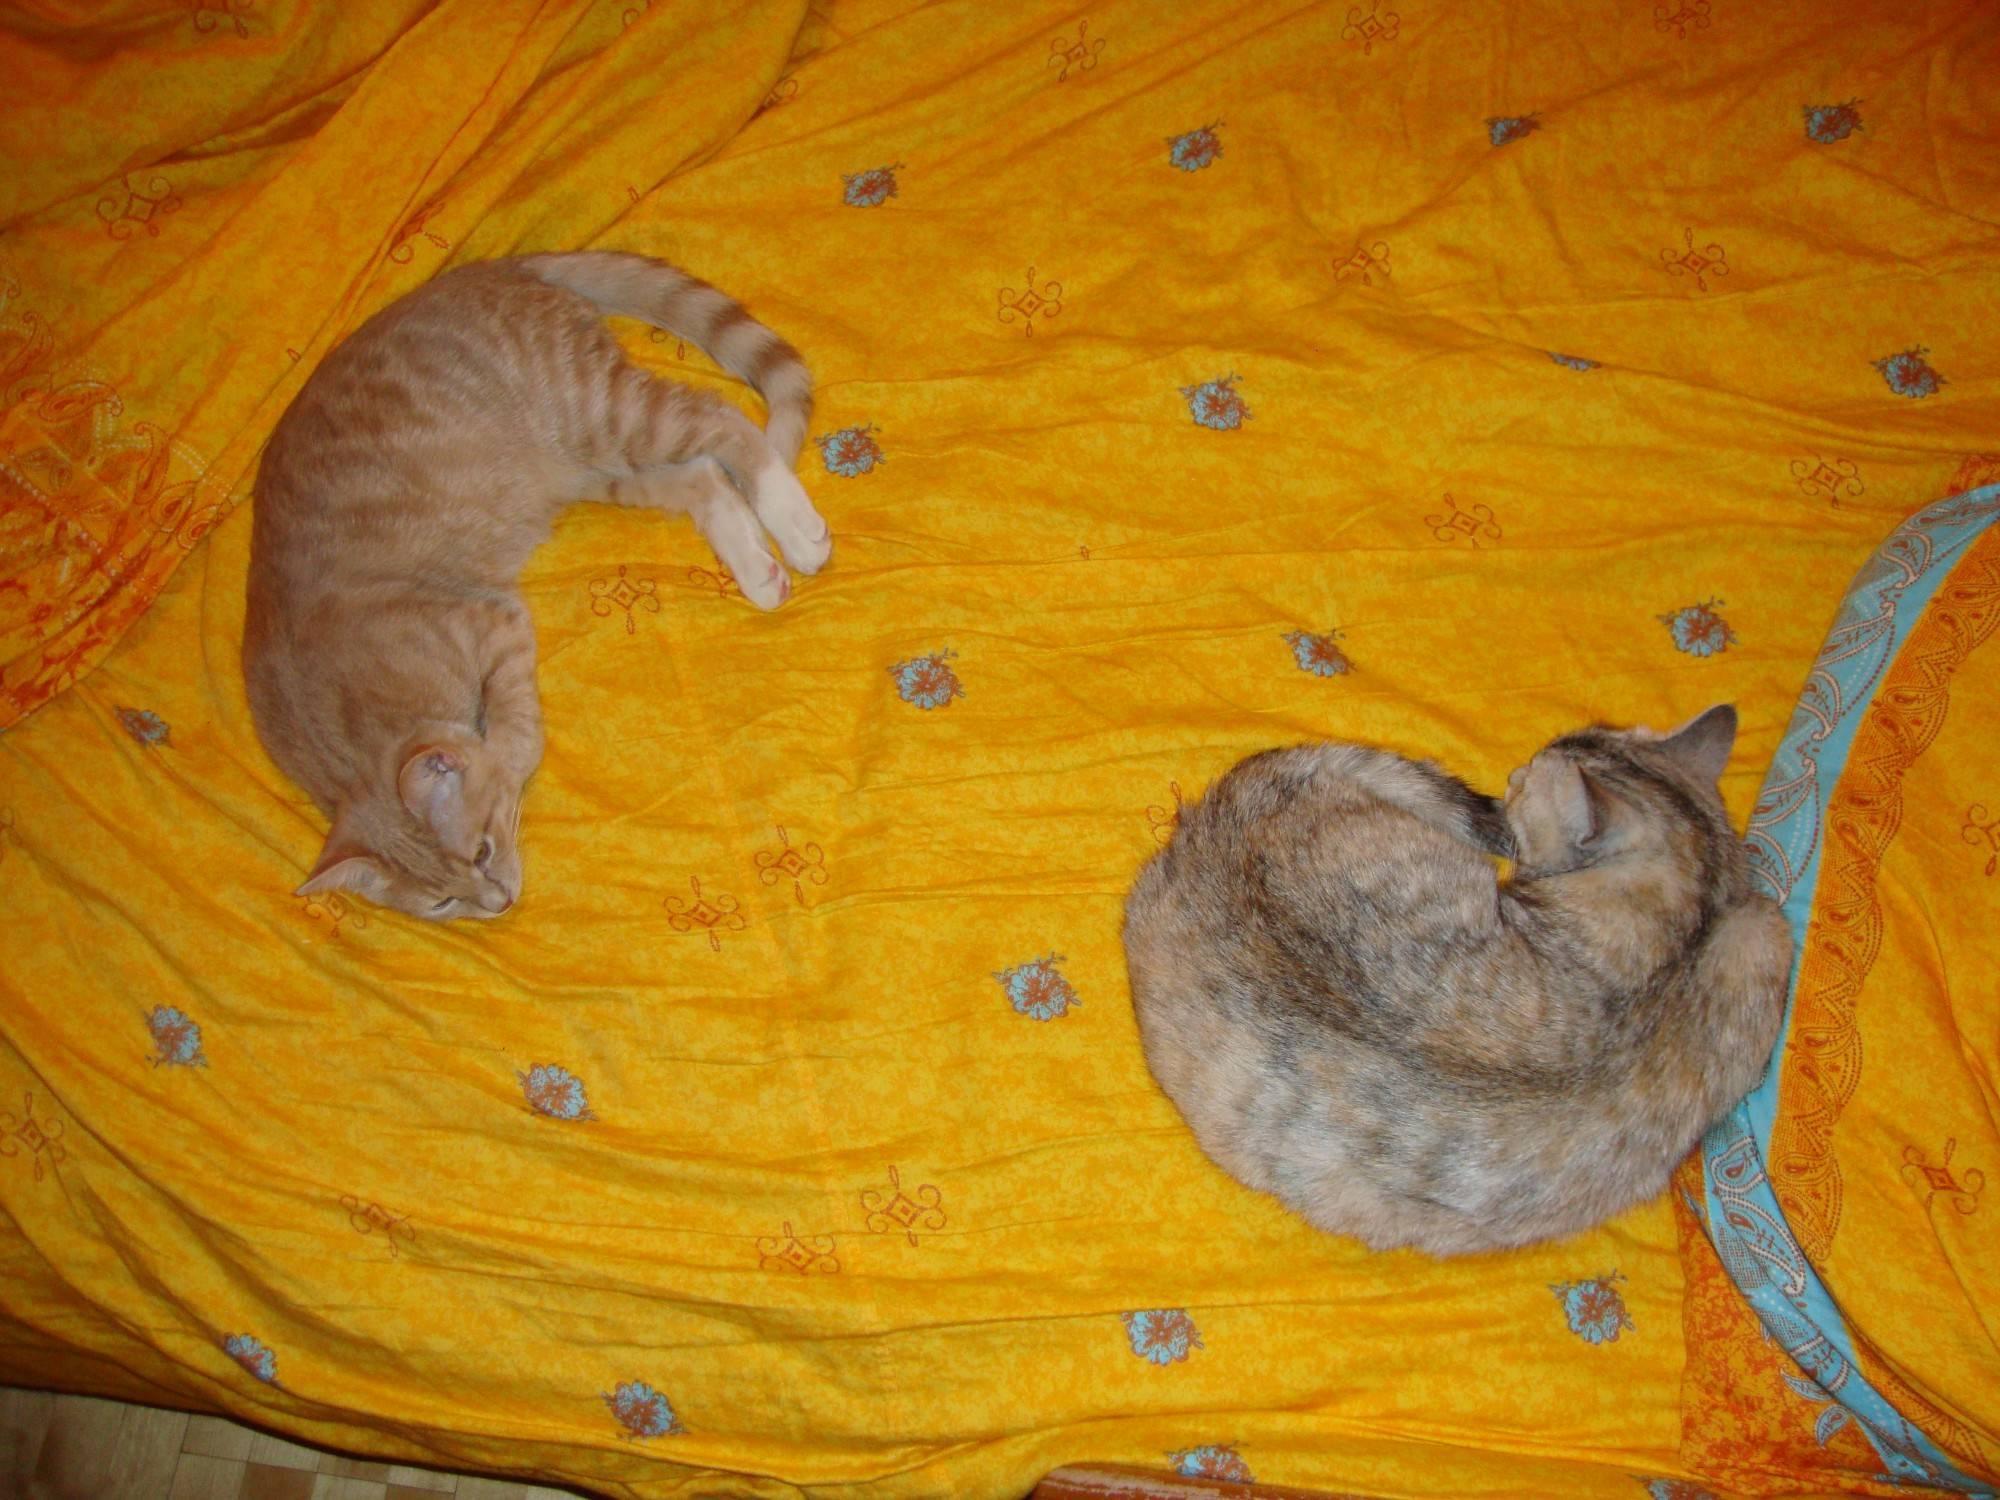 Как подружить двух кошек в одной квартире: полезные советы и маленькие хитрости